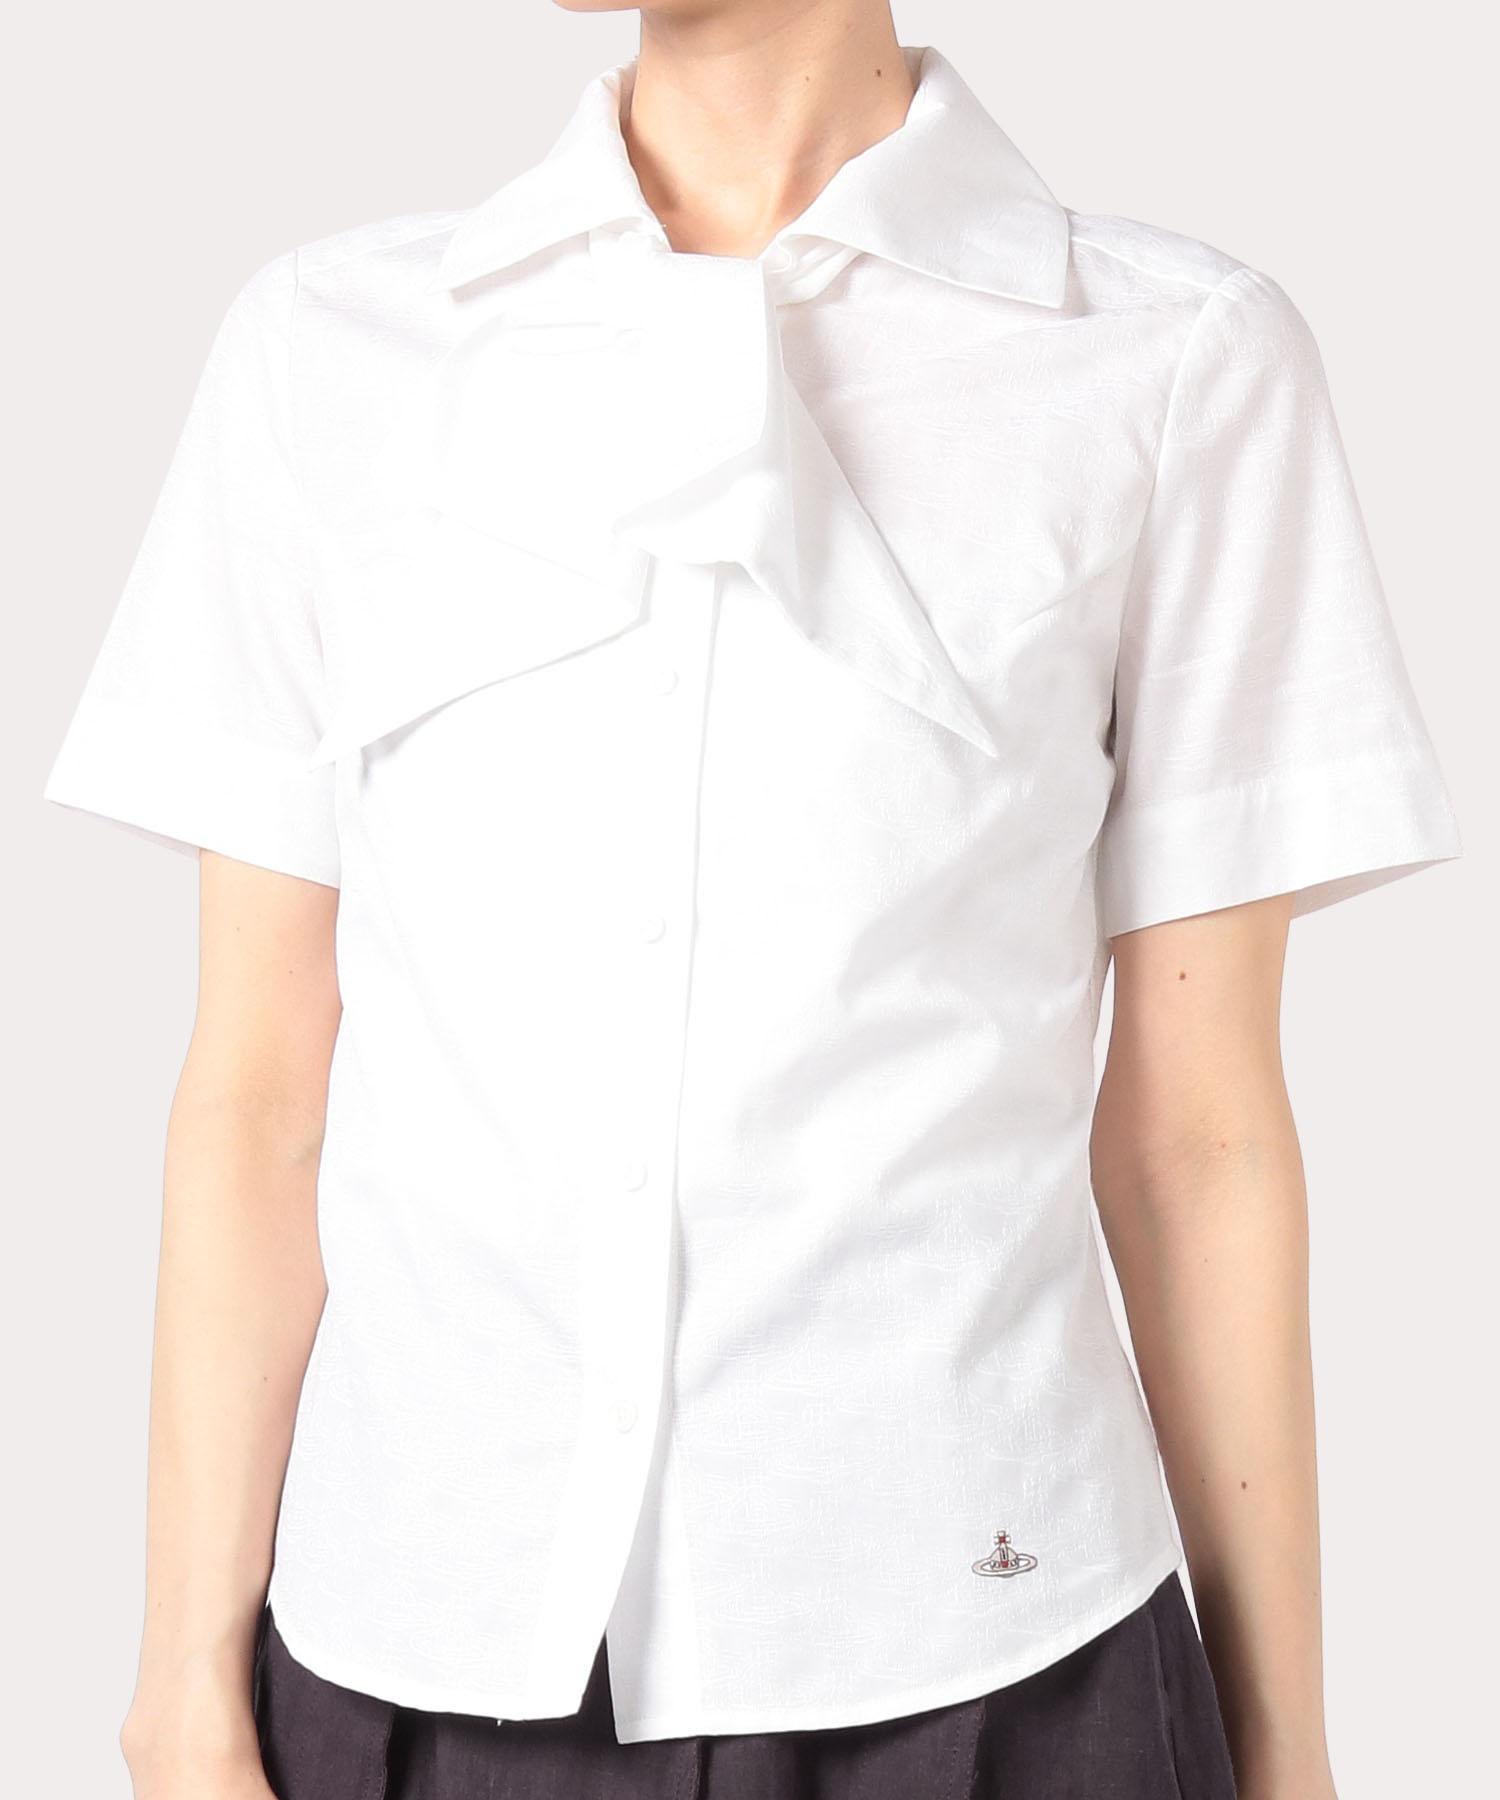 ORBリピート ジャカード タイ付半袖シャツ